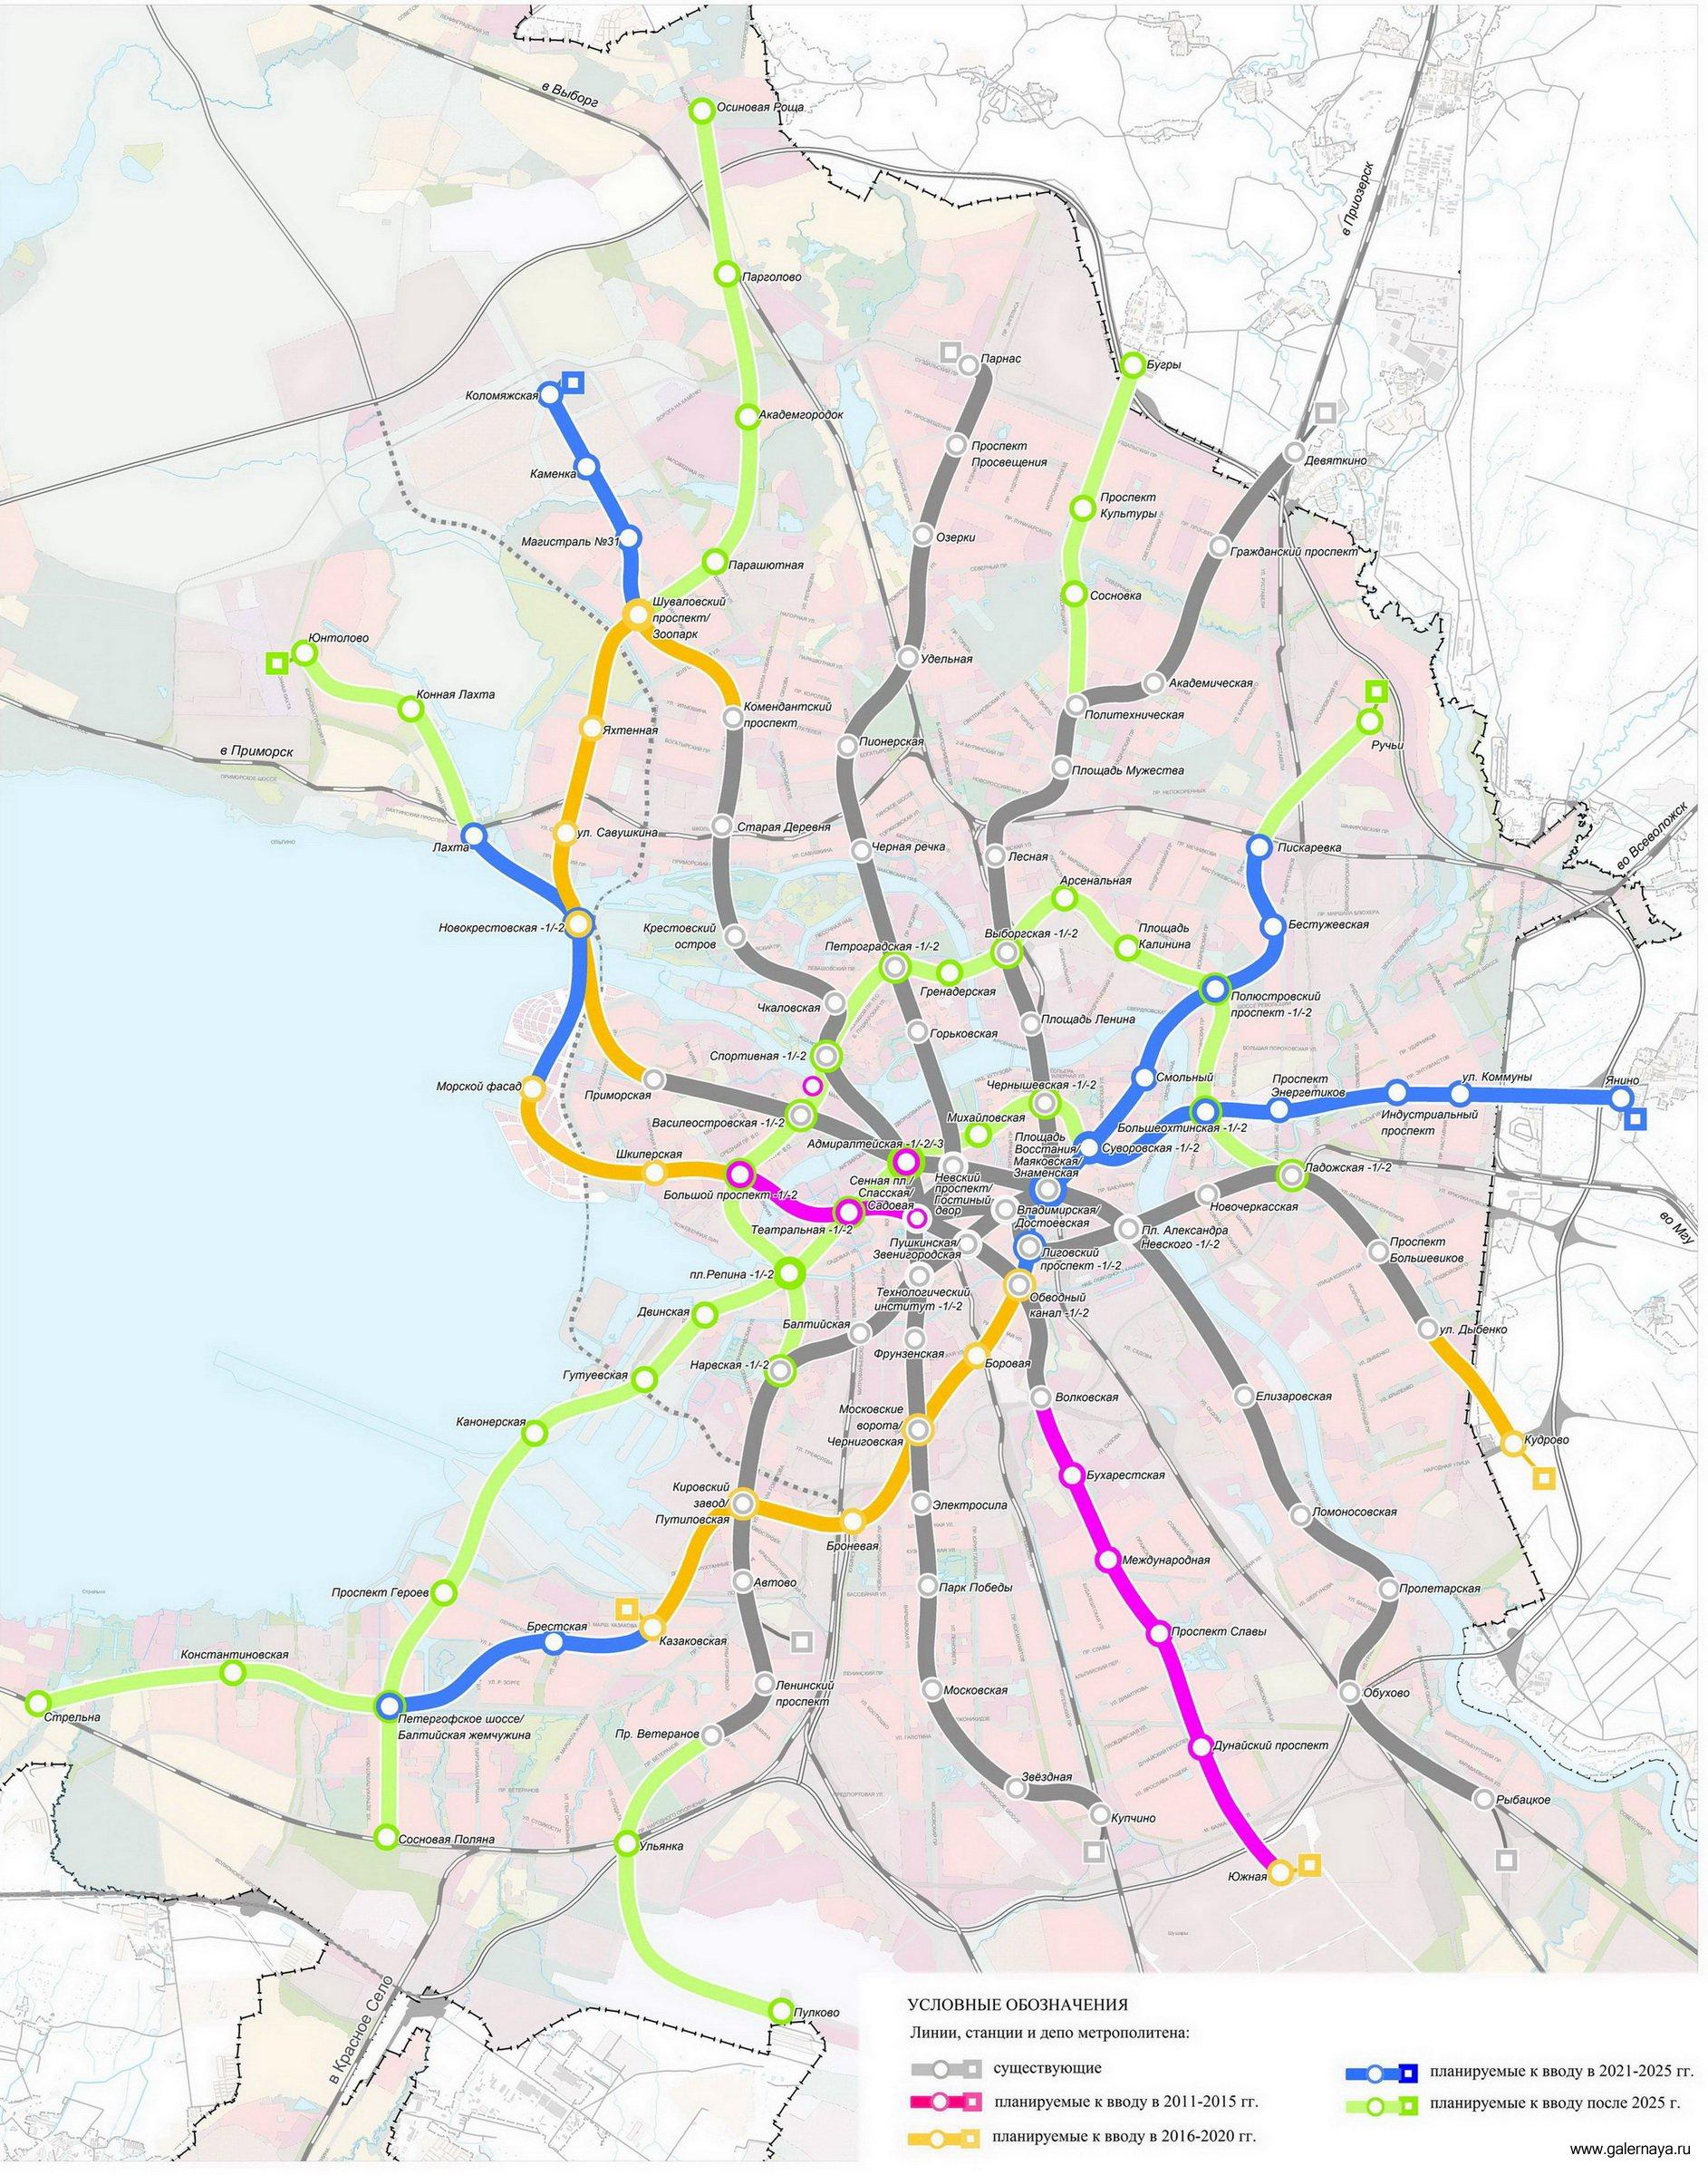 какие станции метро планируют выстроить в спб